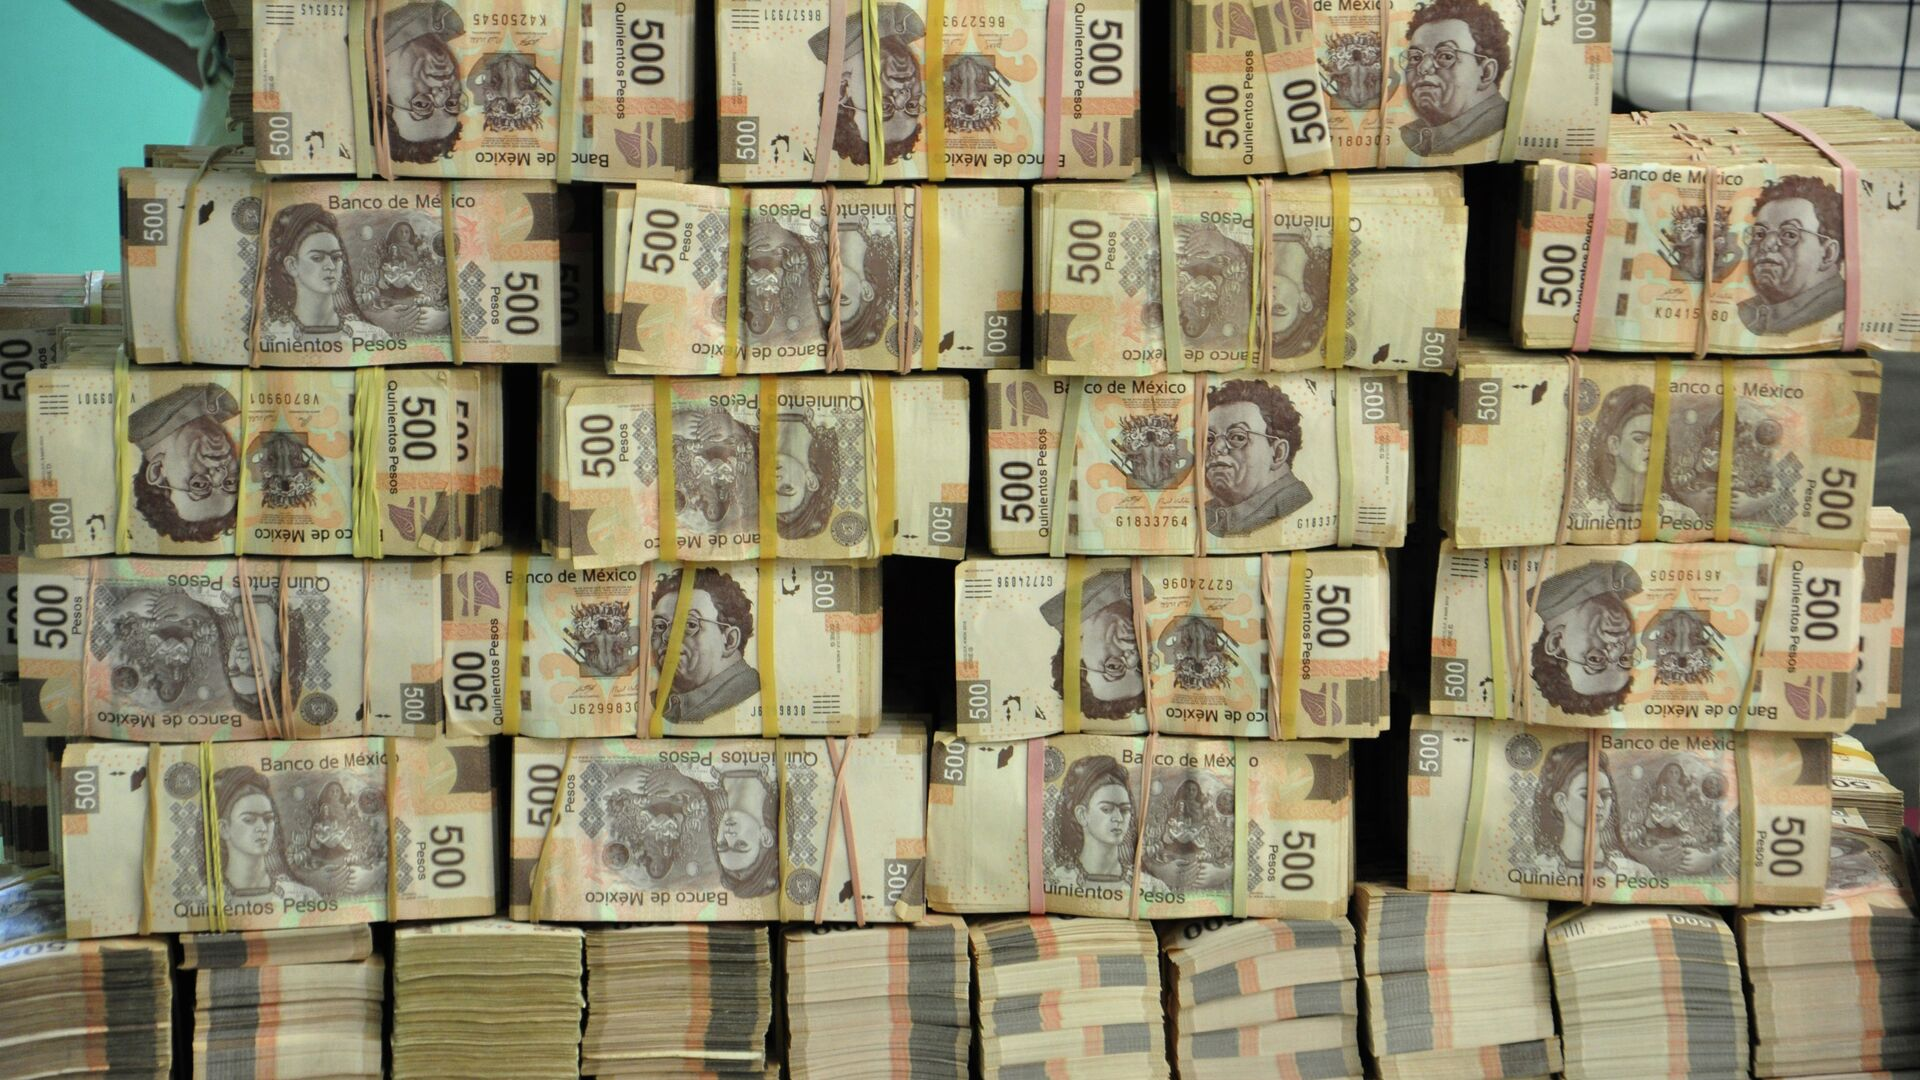 Fajos de billetes de 500 pesos en una oficina de ex funcionario del Estado  - Sputnik Mundo, 1920, 19.08.2021